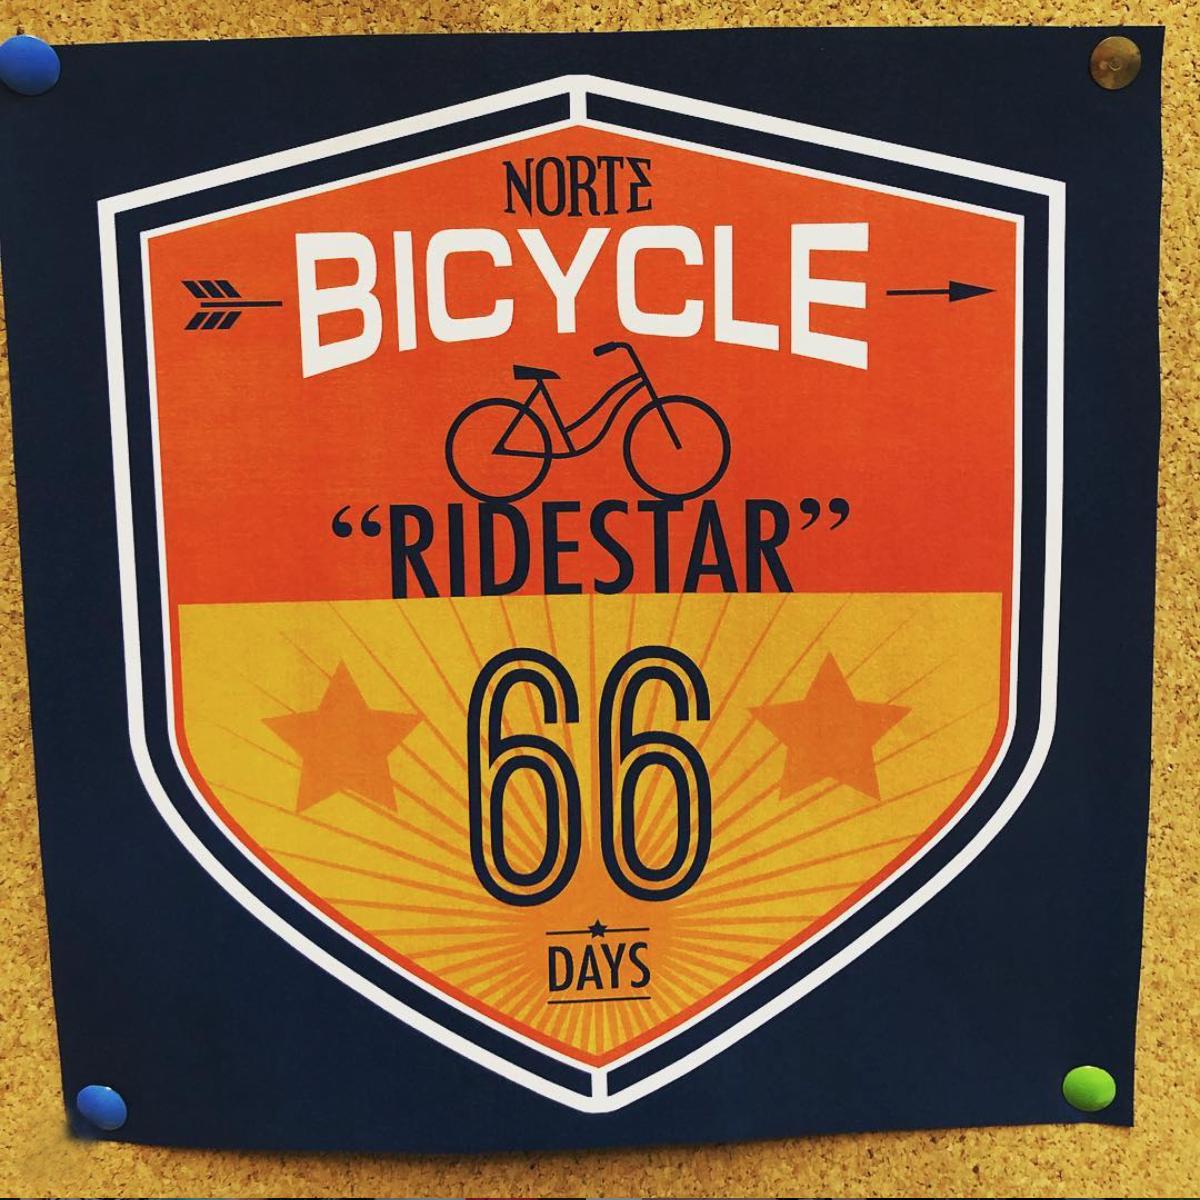 Norte-RideStar-lifeandwhim.com